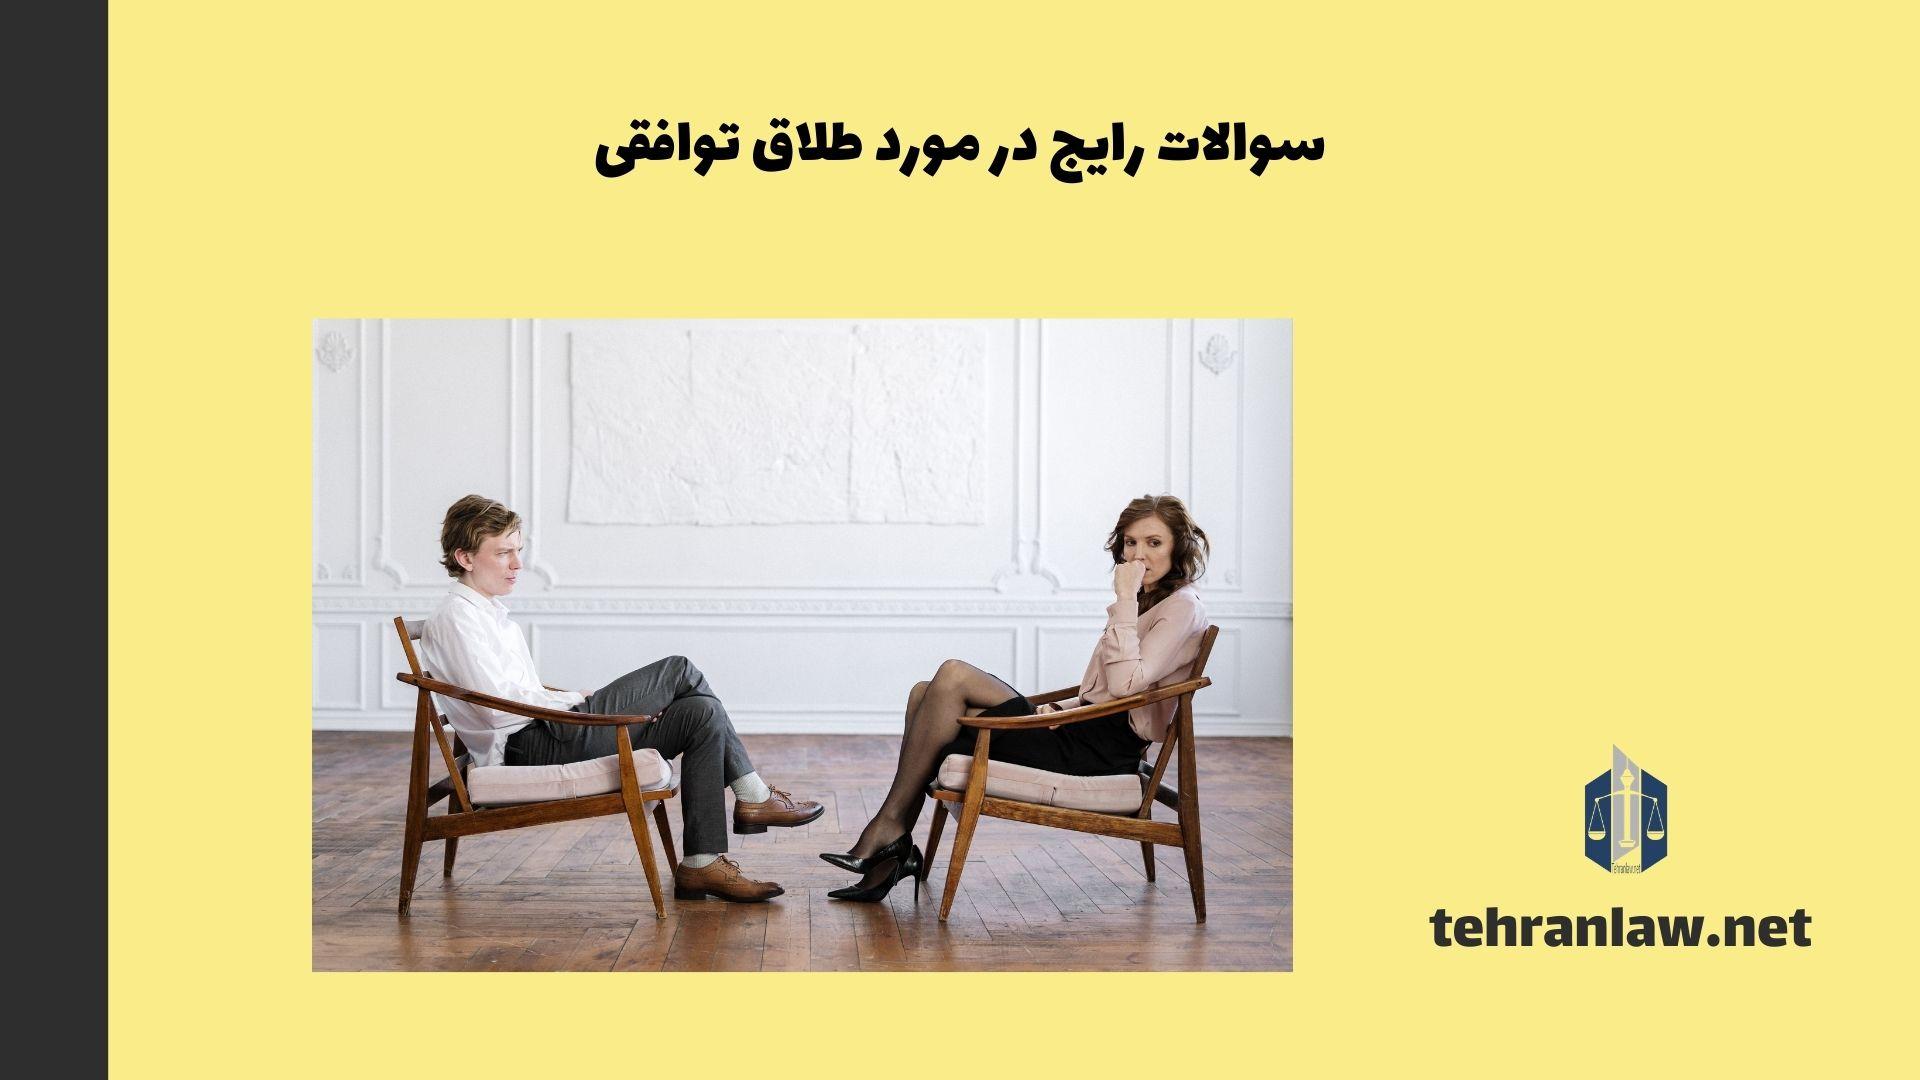 سوالات رایج در مورد طلاق توافقی